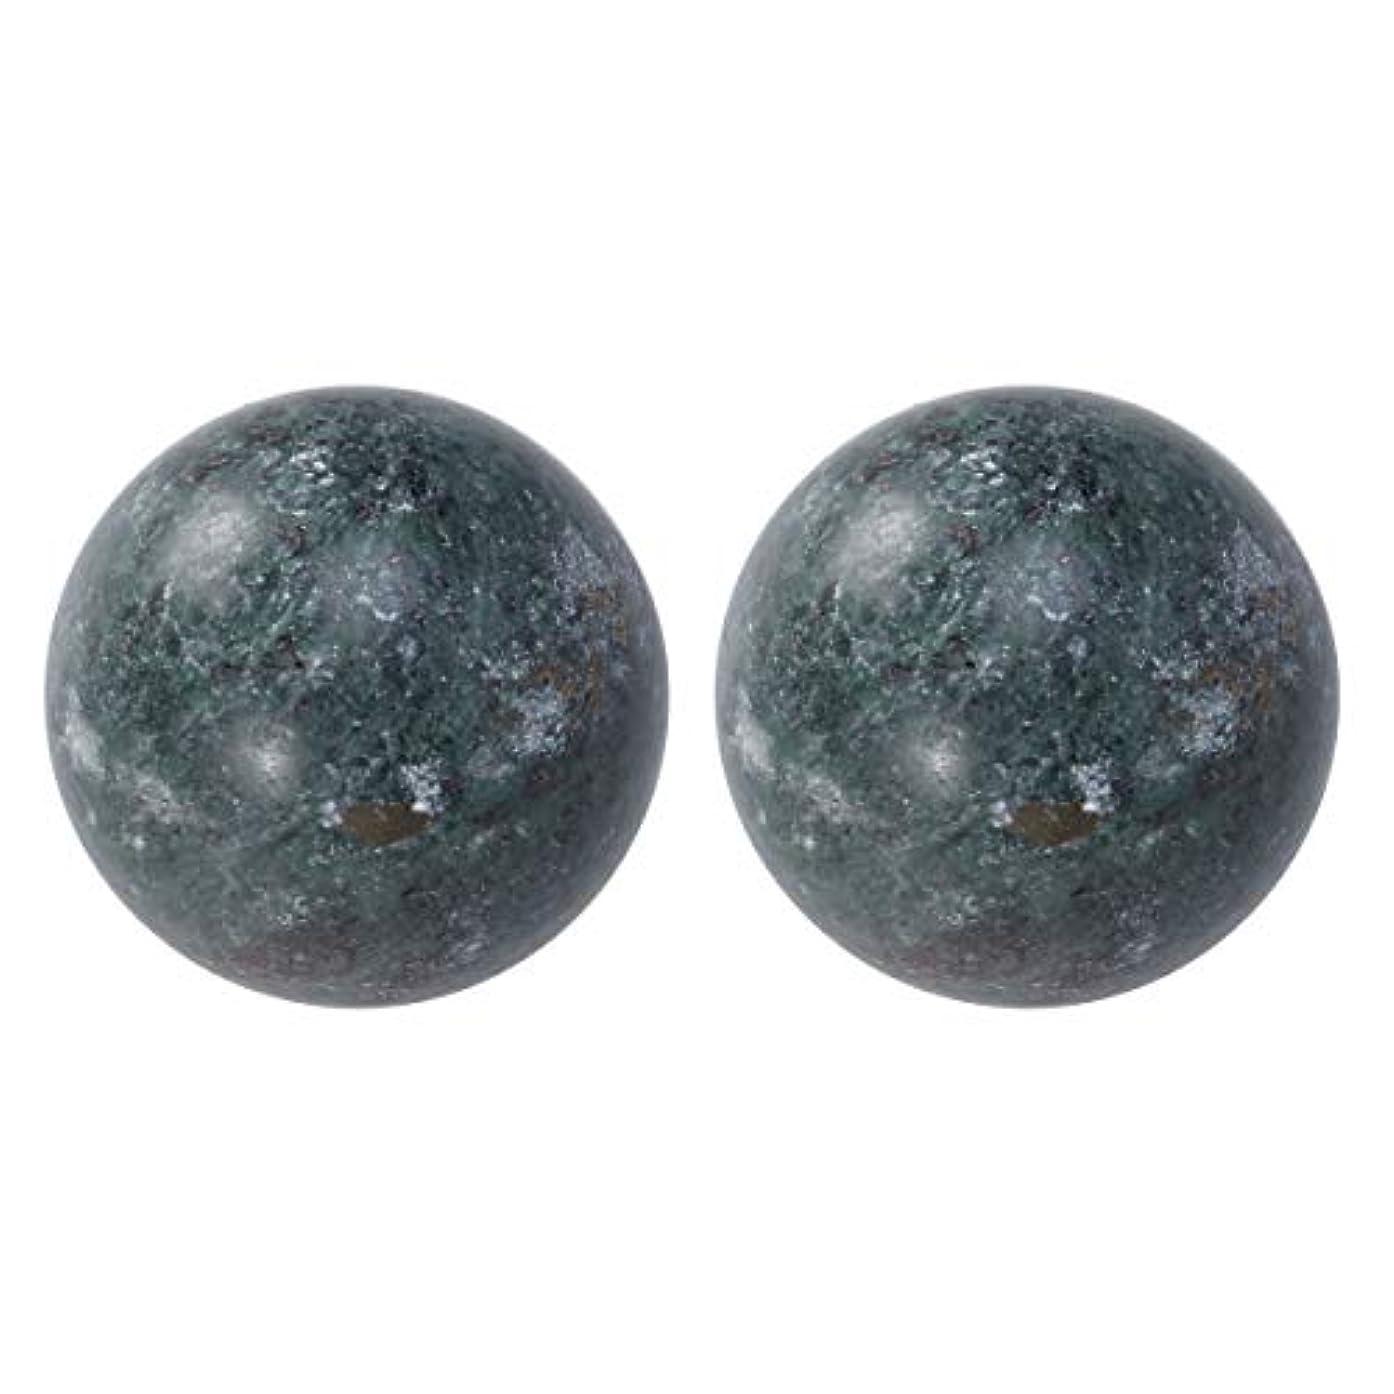 妥協失望ランドリーSUPVOX 高齢者ヘルスケアボール玉手ボール健康運動ボール老人用2個(ブラック)